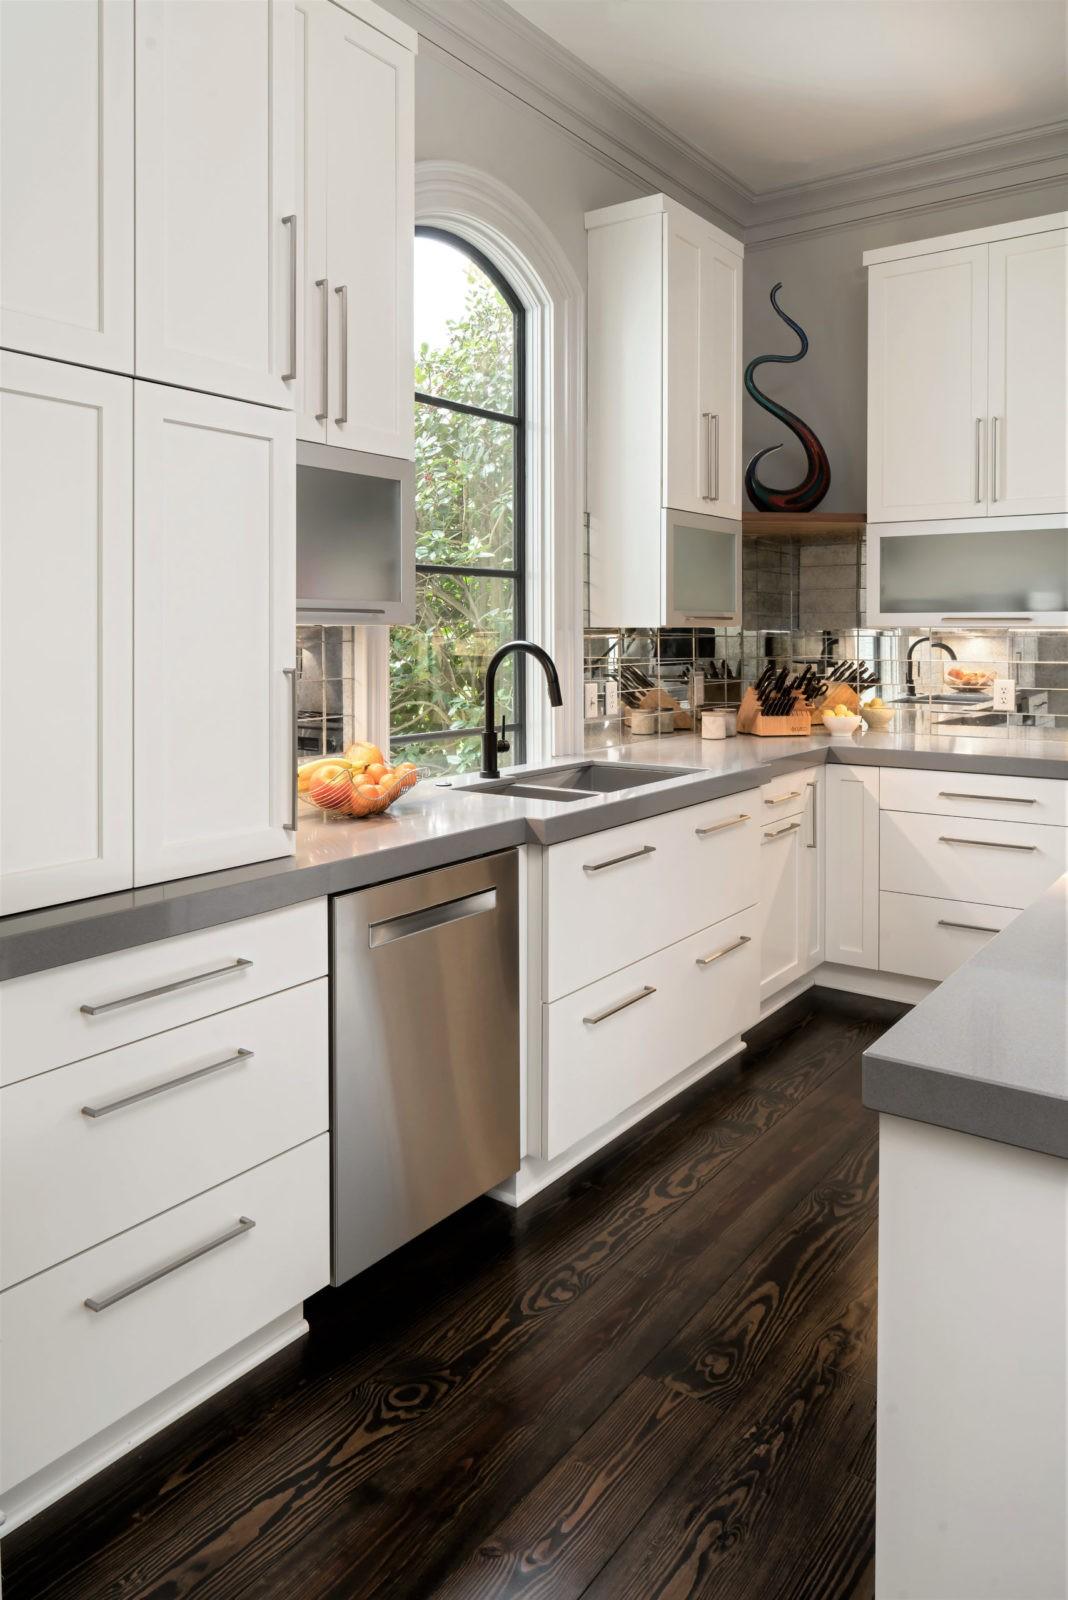 kitchen-sink-in-front-of-window-kitchen-storage